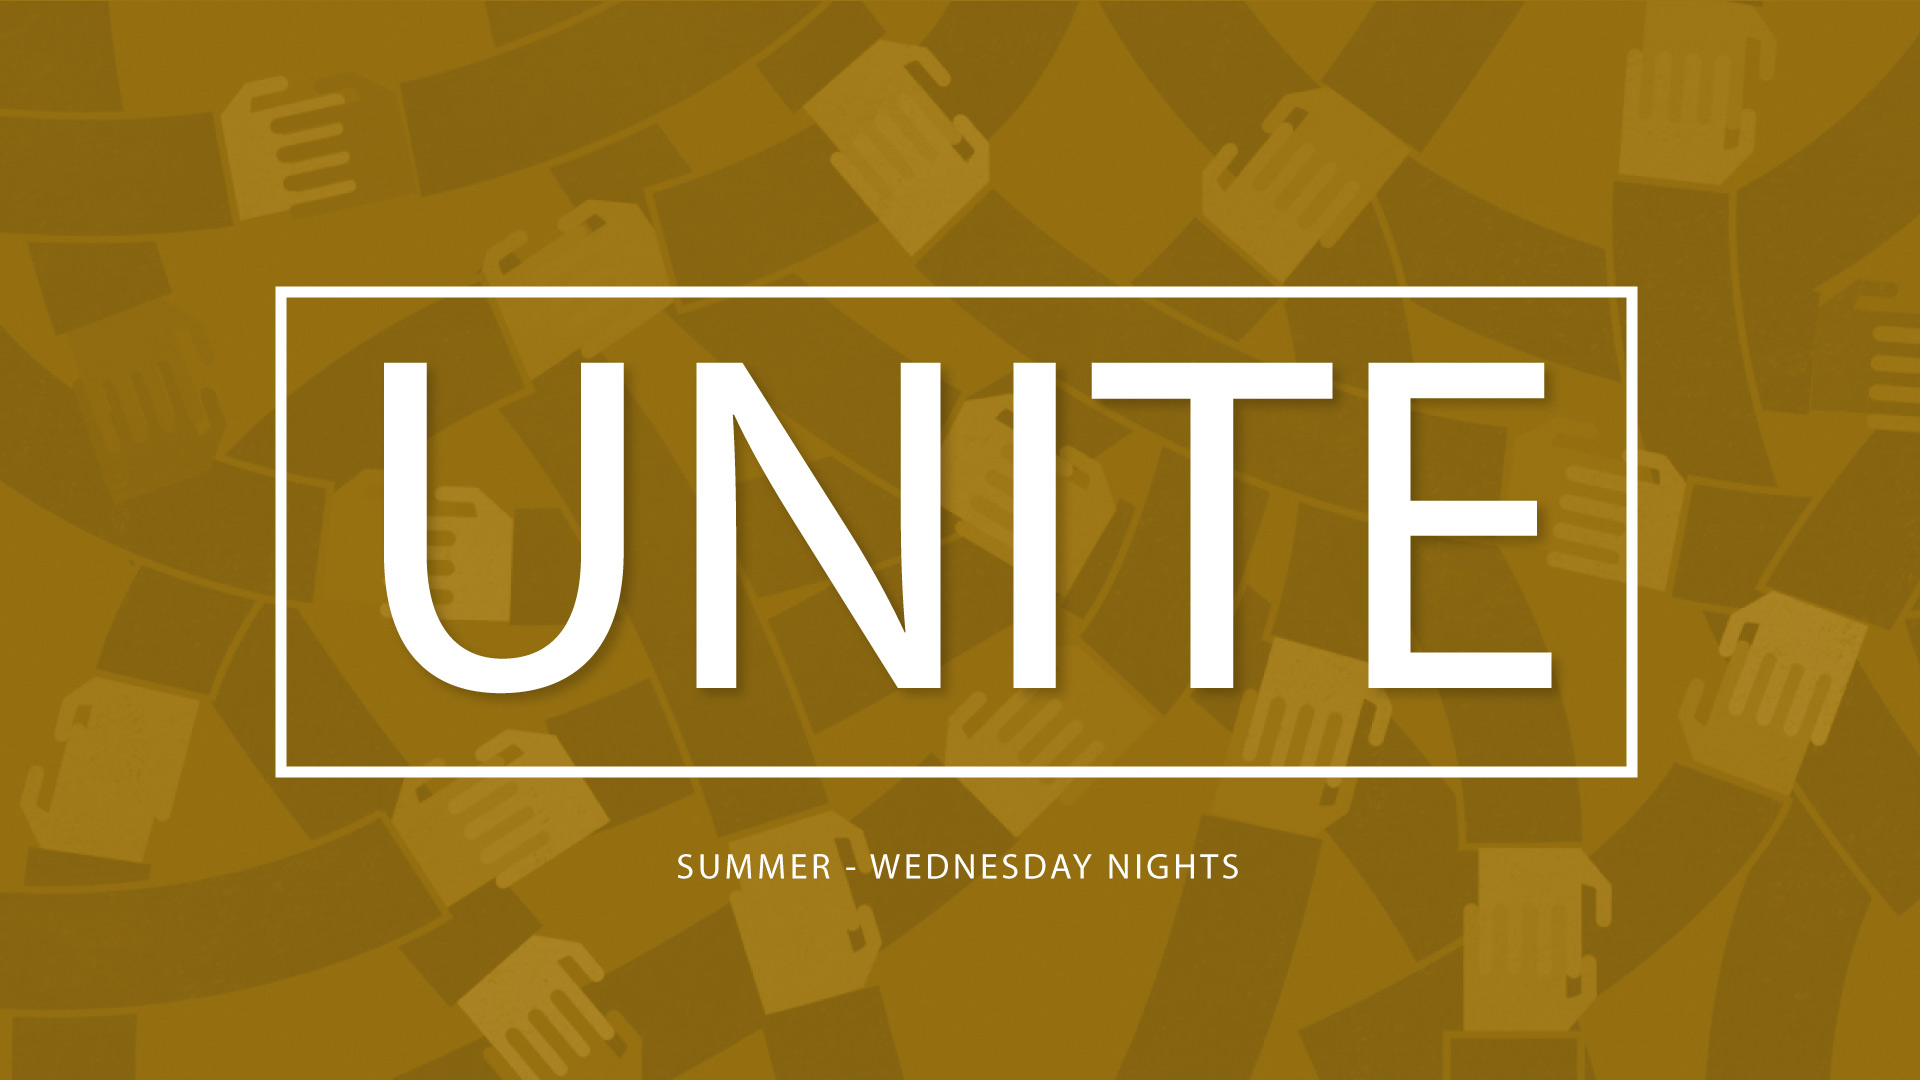 unite-promo.jpg